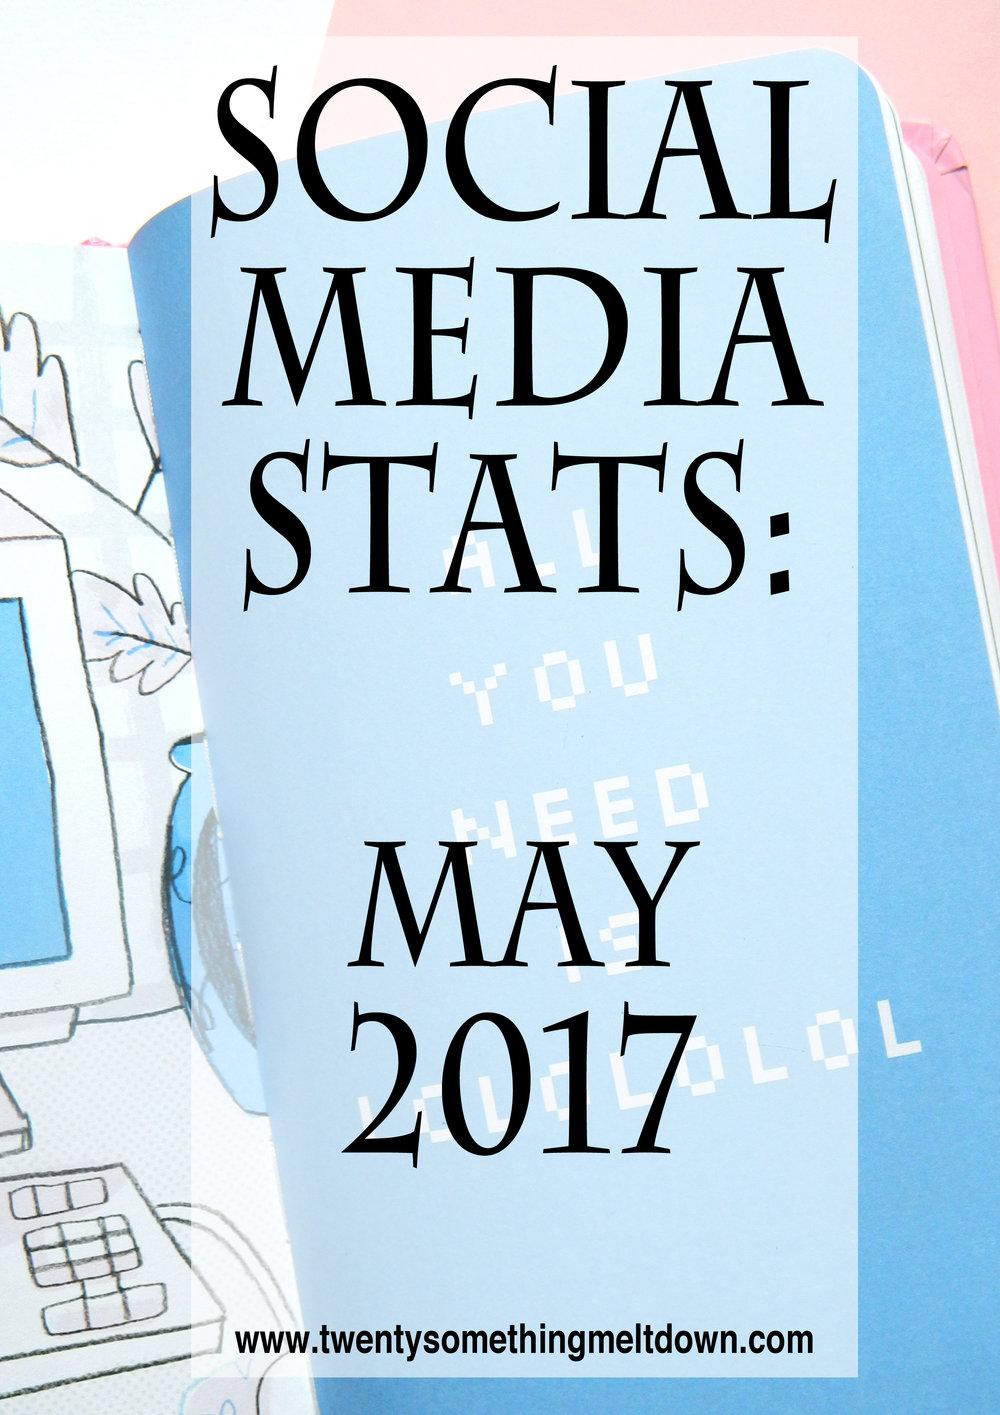 Social Media Statistics - May 2017.